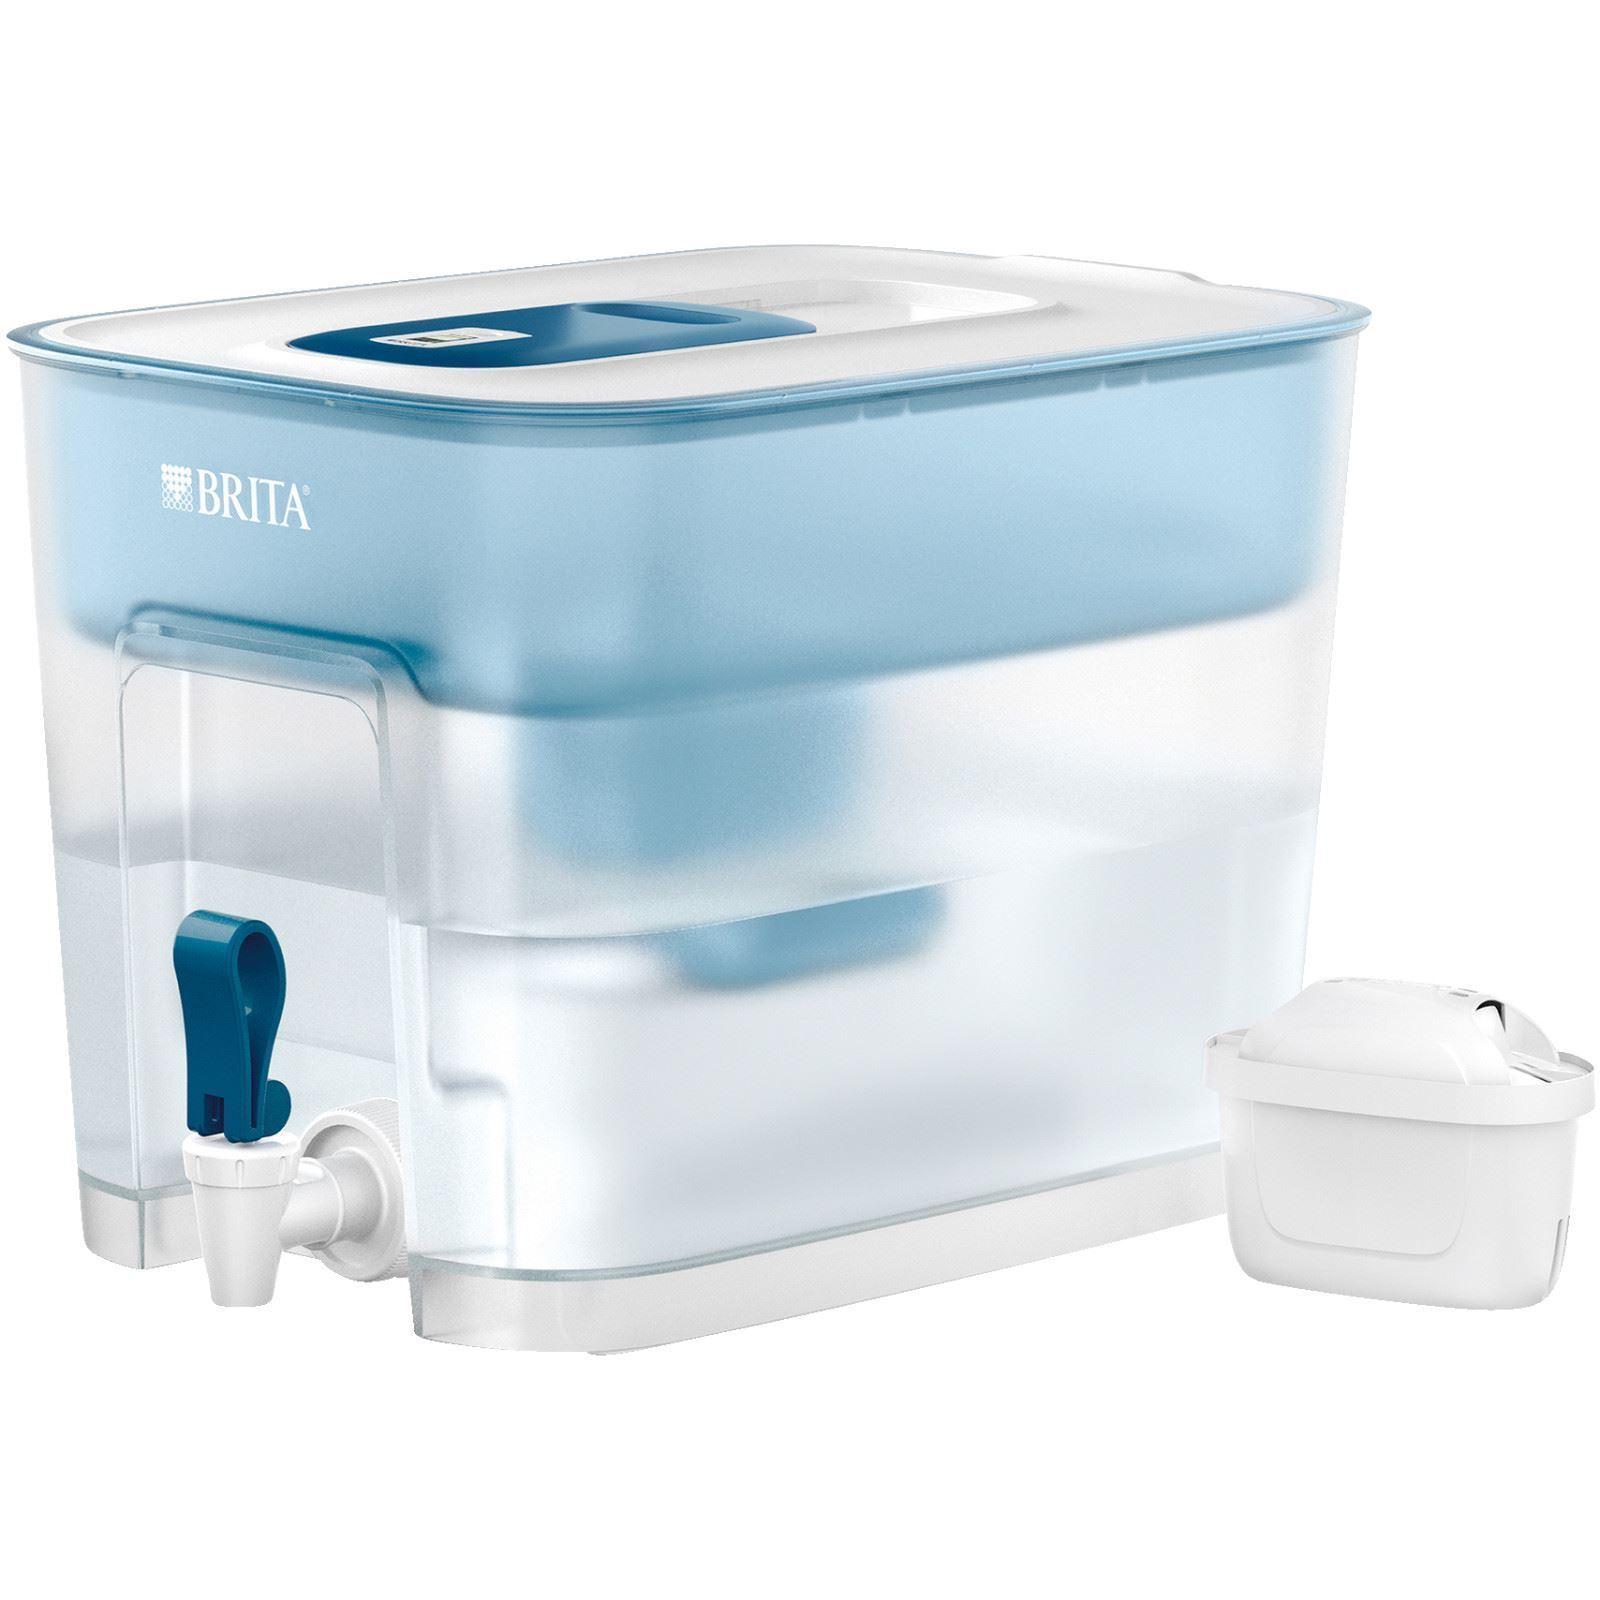 Brita Optimax fill & enjoy Wasserspender 8,2 L mit Maxtra Plus Kartusche